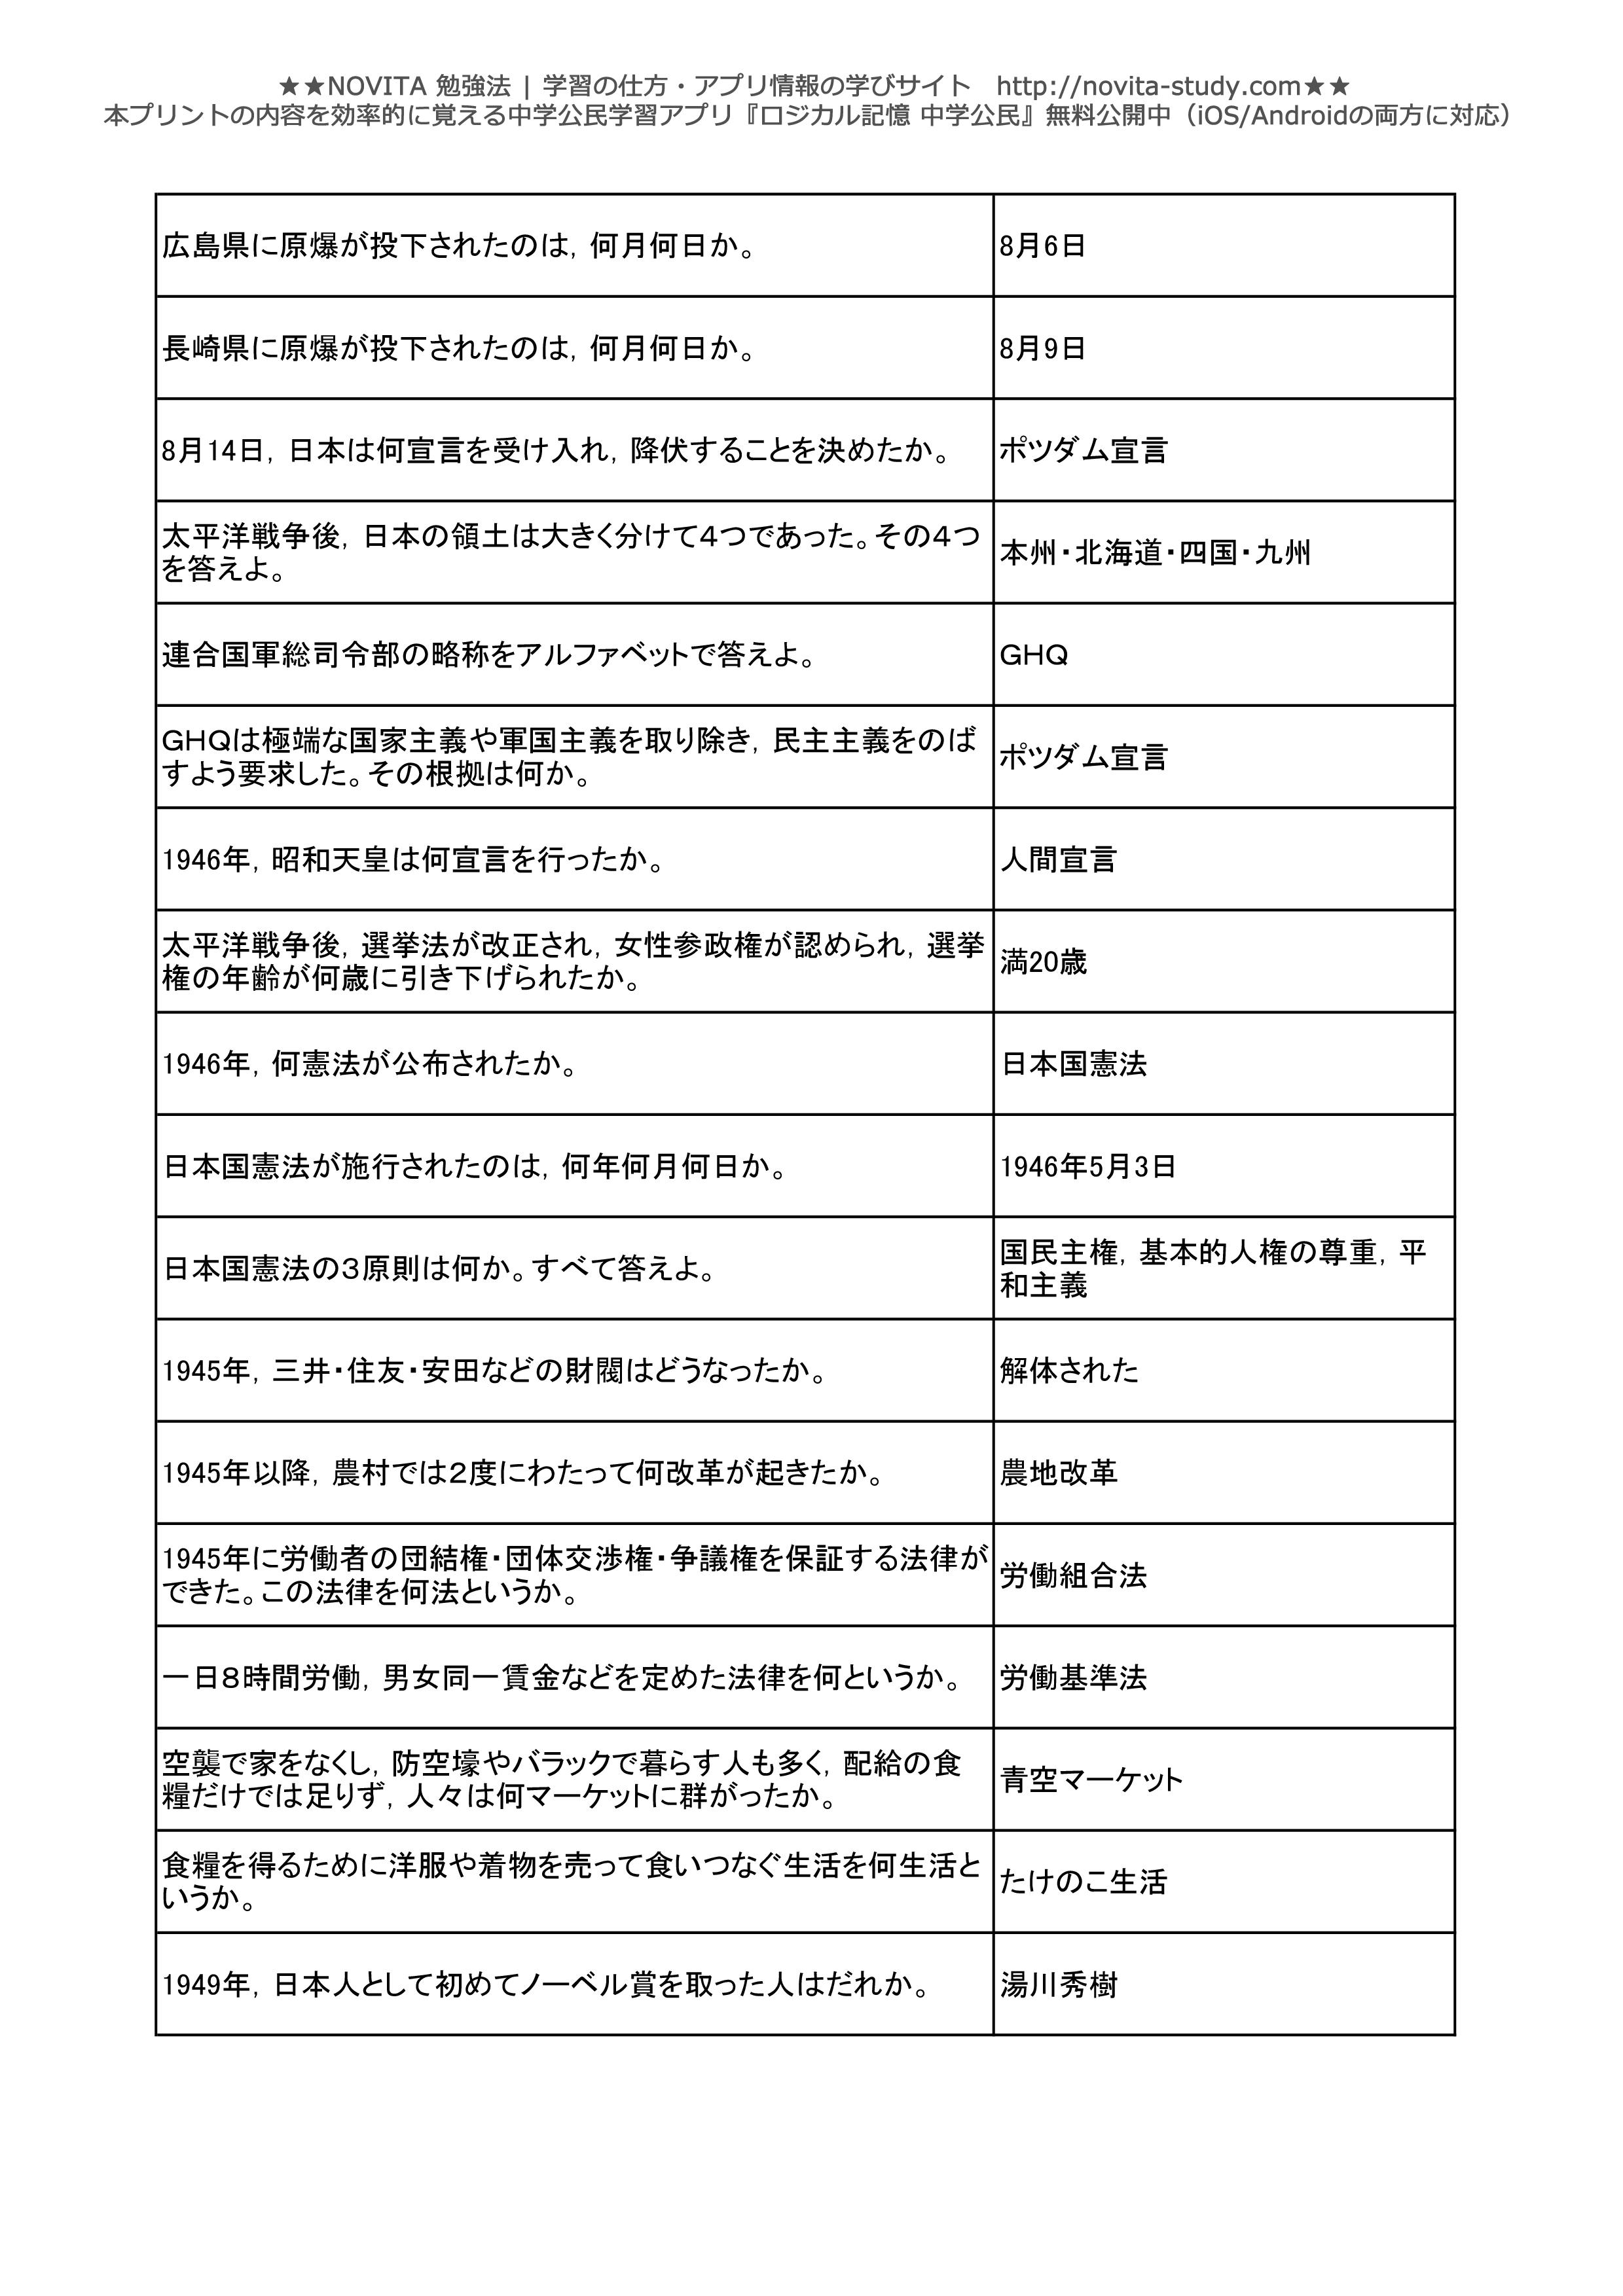 中学公民一問一答無料問題集-025